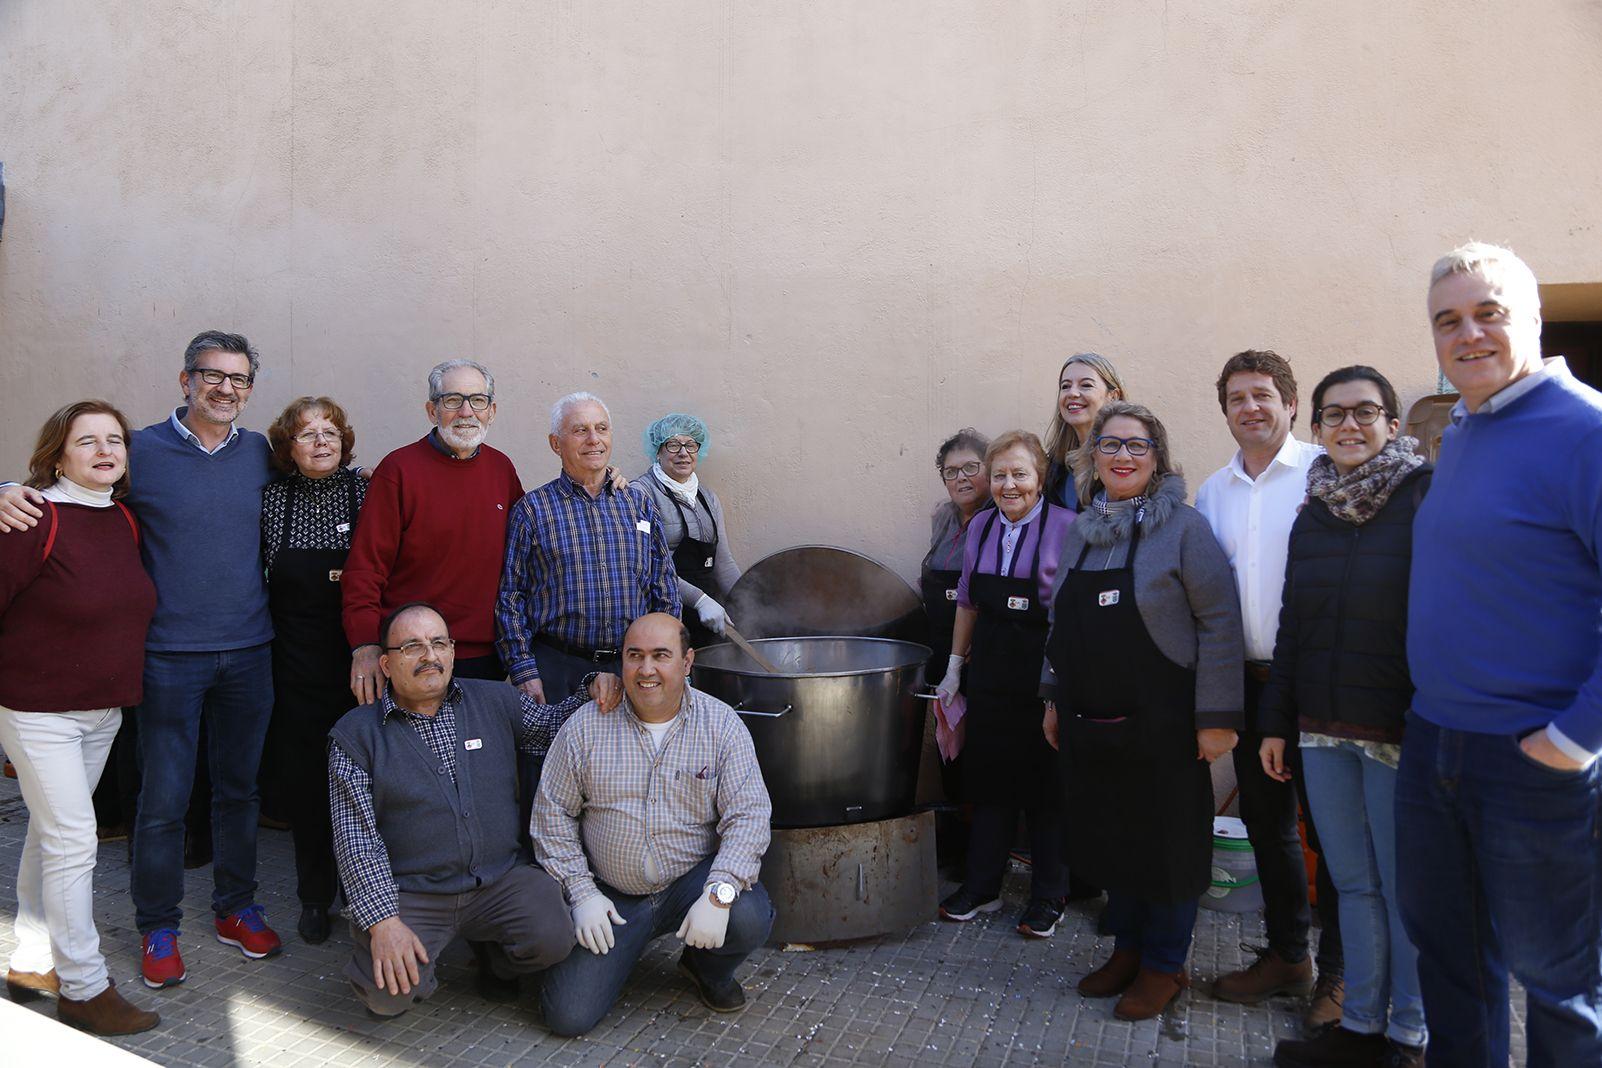 Cuiners i alcaldesa al dinar de la comunitat de santcugatencs originaris del municipi agermanat a La Haba societat. FOTO: Anna Bassa